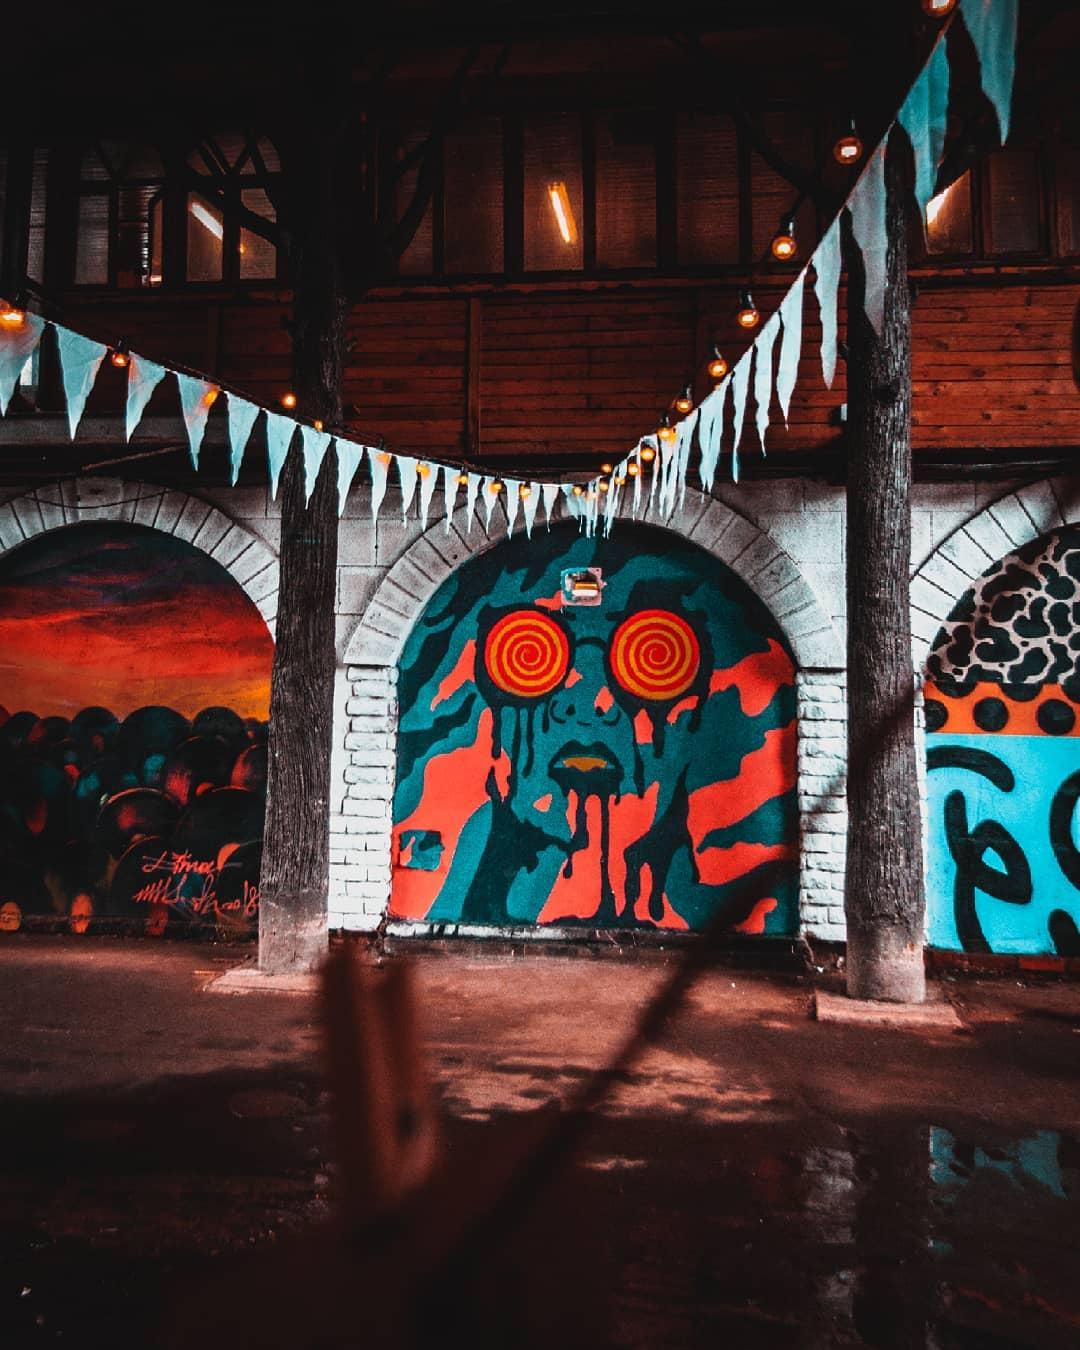 Граффити. Инстаулица